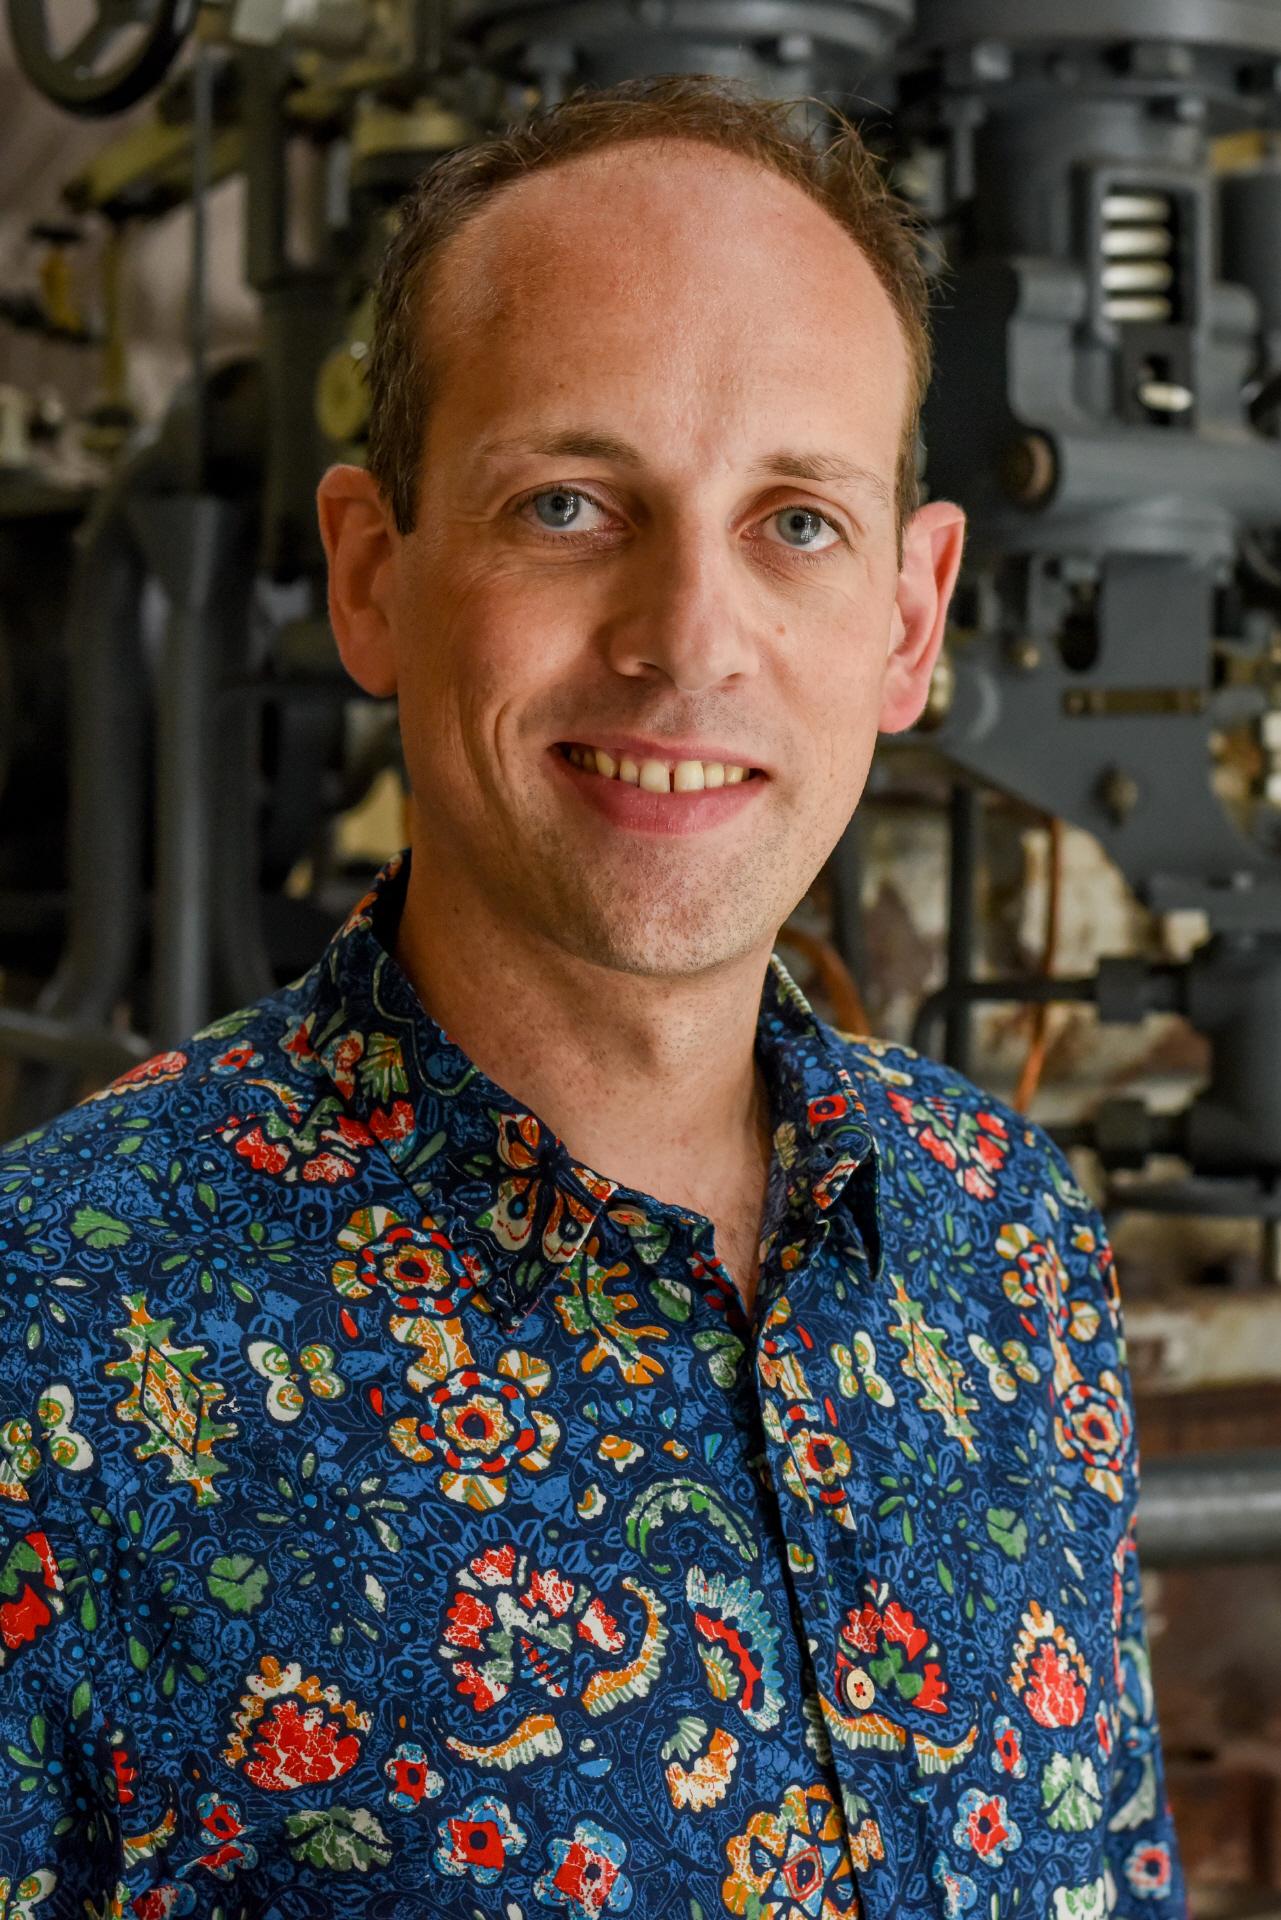 Markus Weise